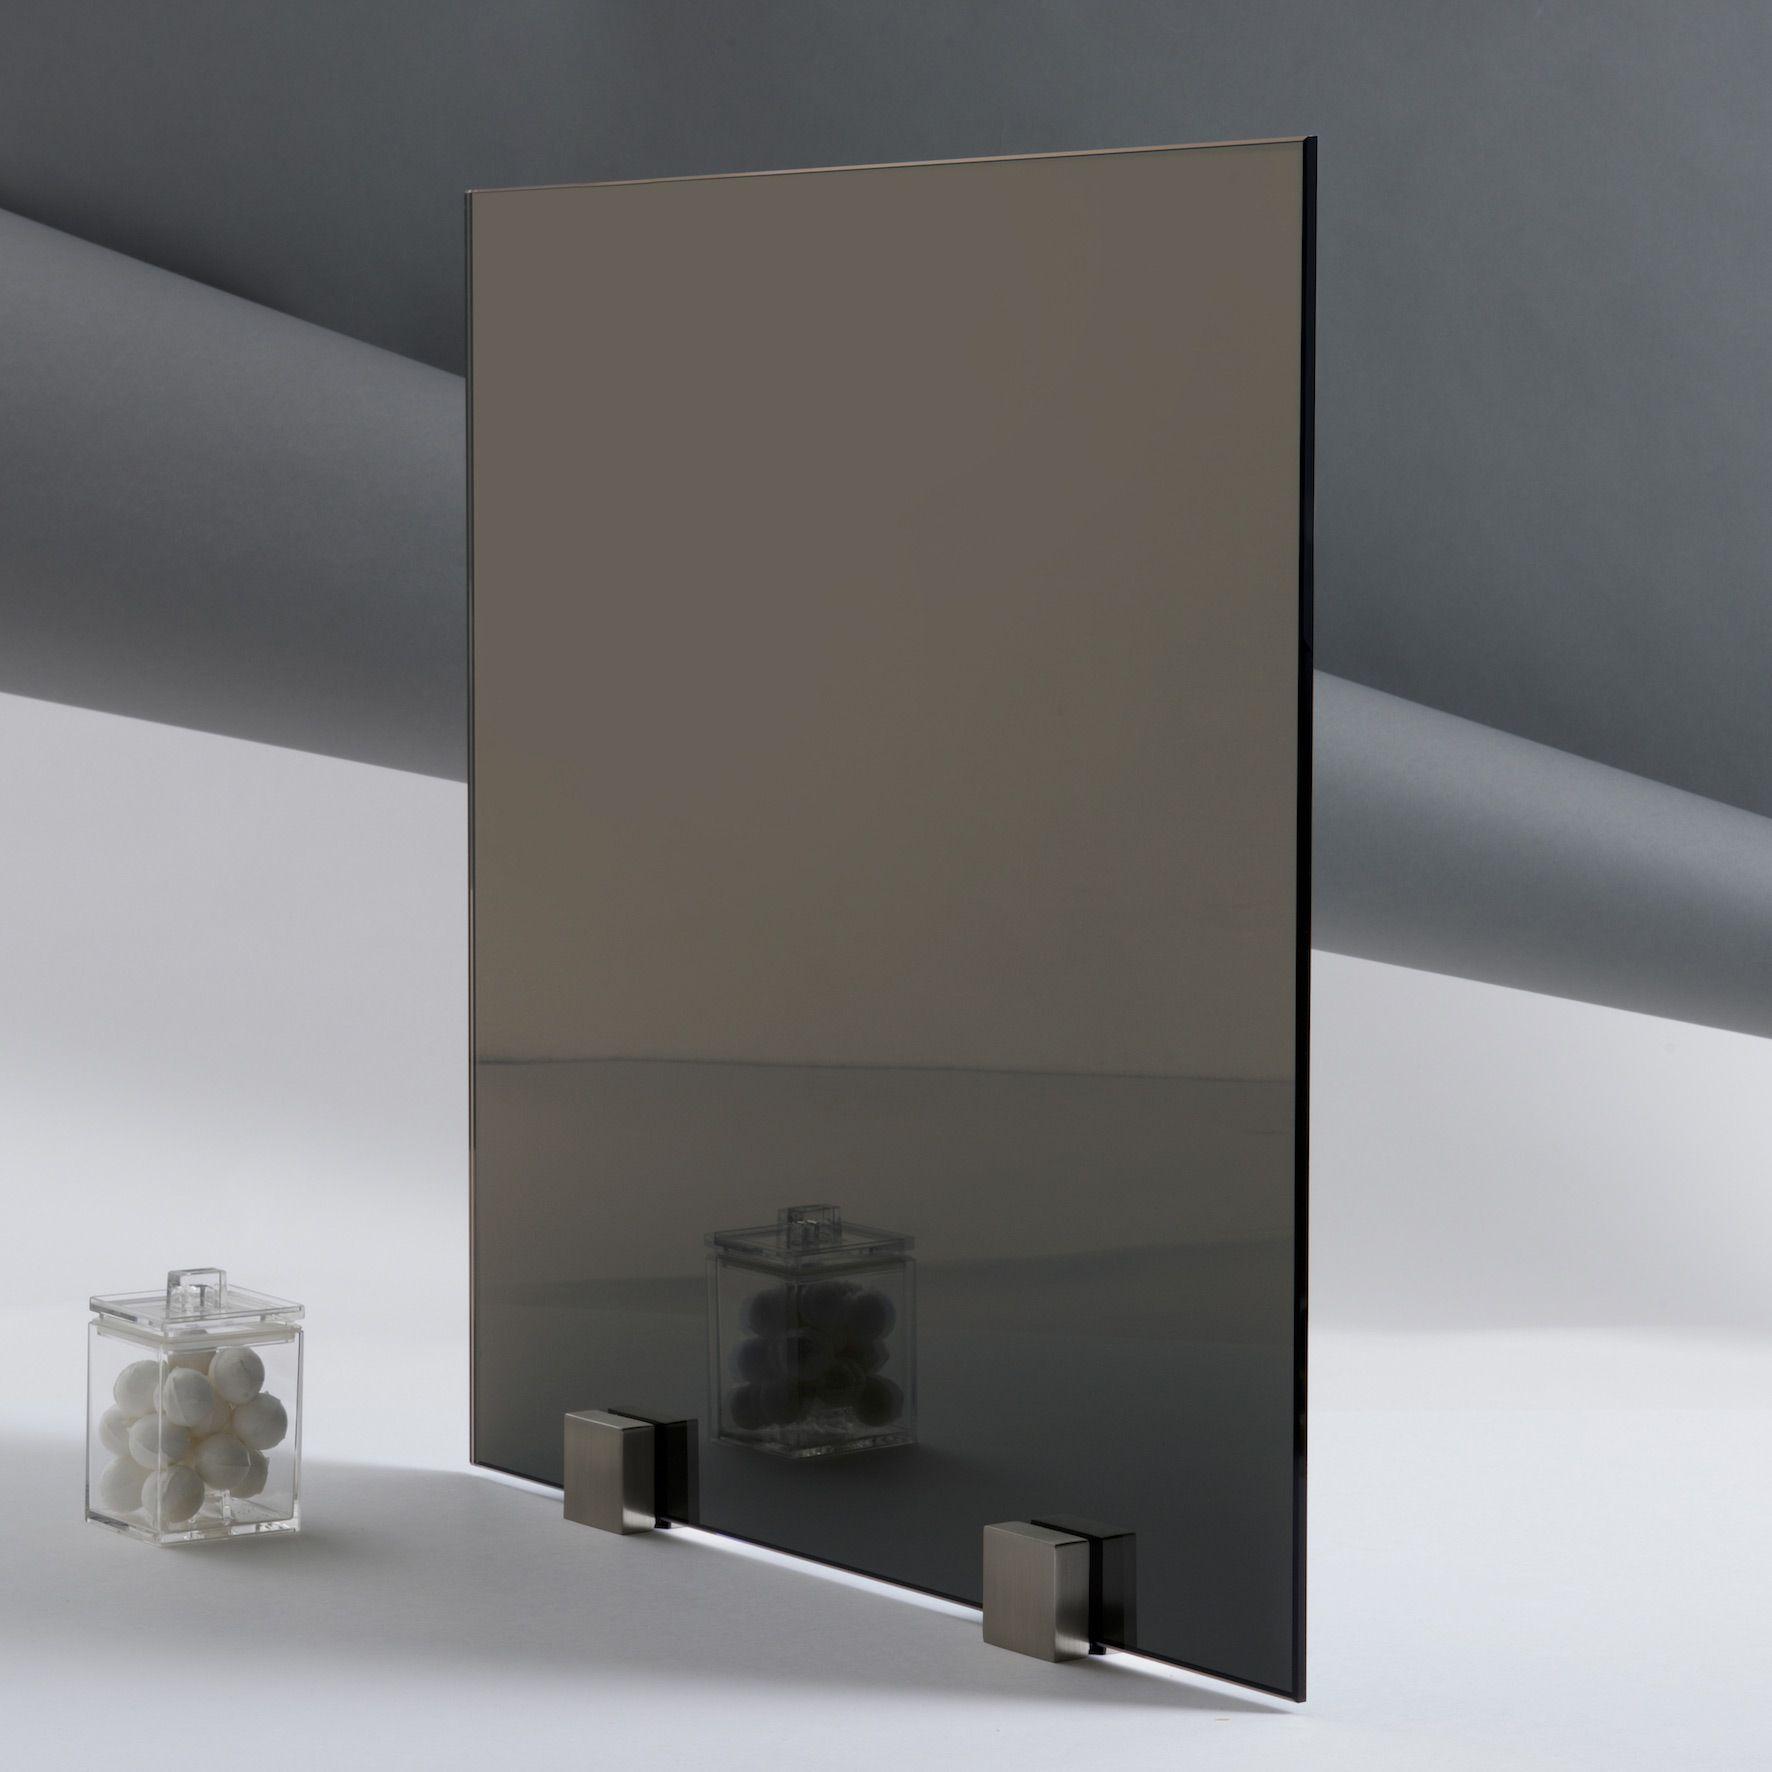 Miroir Sans Tain X2f Espion Epaisseur 6 Mm 300 Miroir Miroir Argente Decorer Miroir